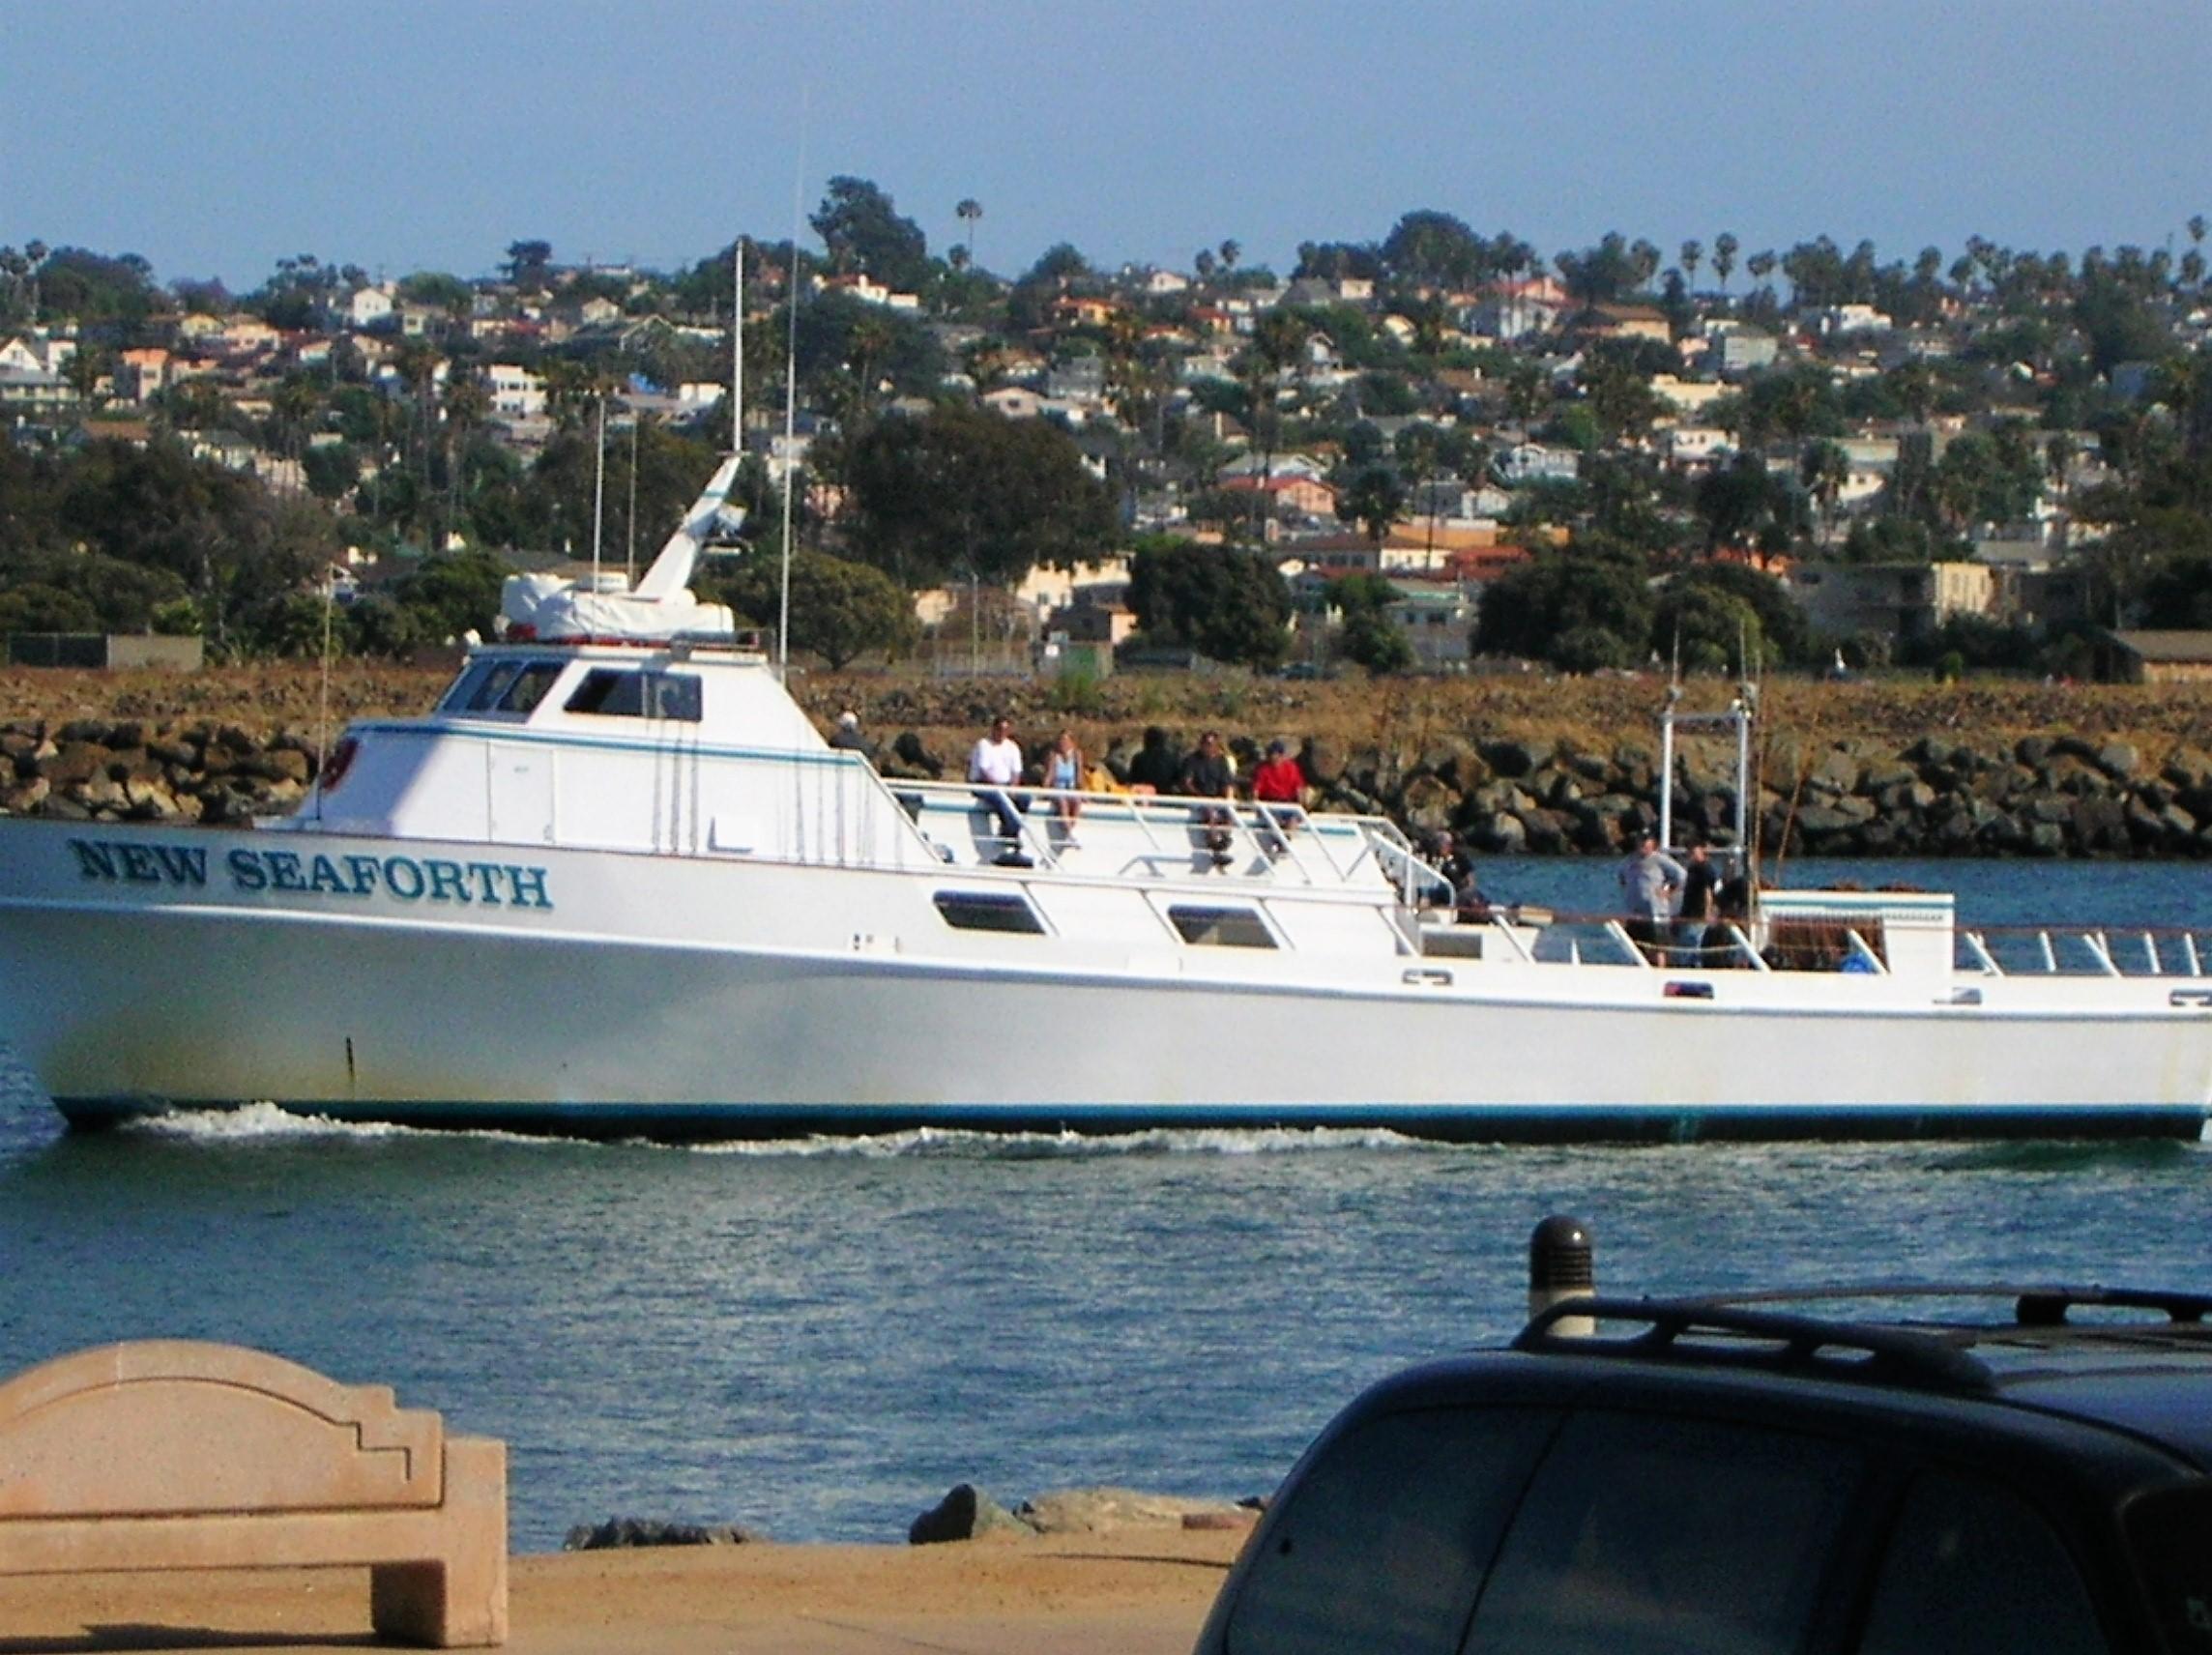 New Seaforth fishing vessel